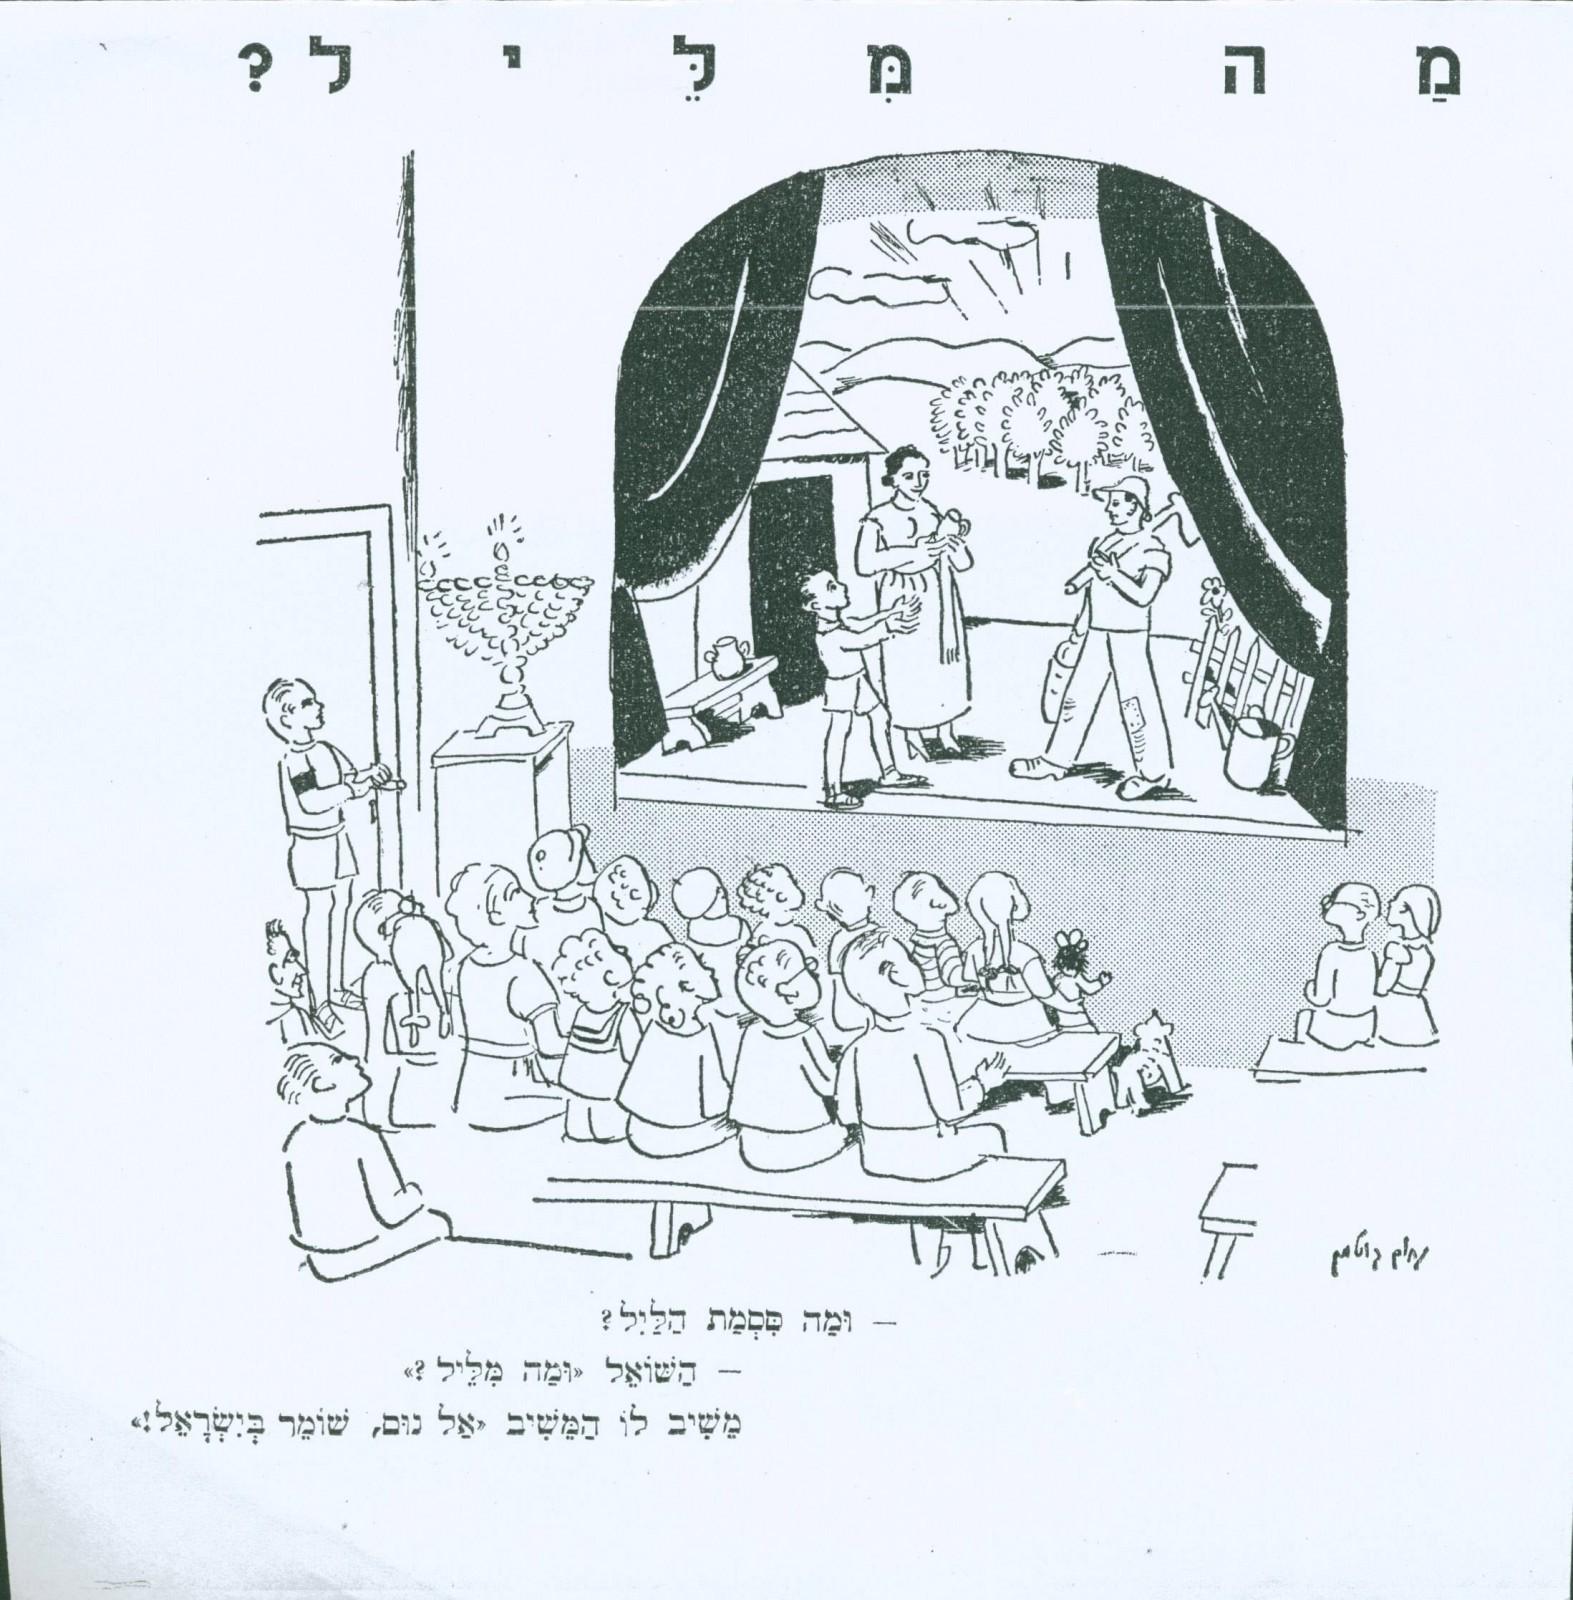 """""""דבר לילדים"""", 12.11.36 (מוזיאון נחום גוטמן לאמנות, נווה-צדק, תל-אביב)"""